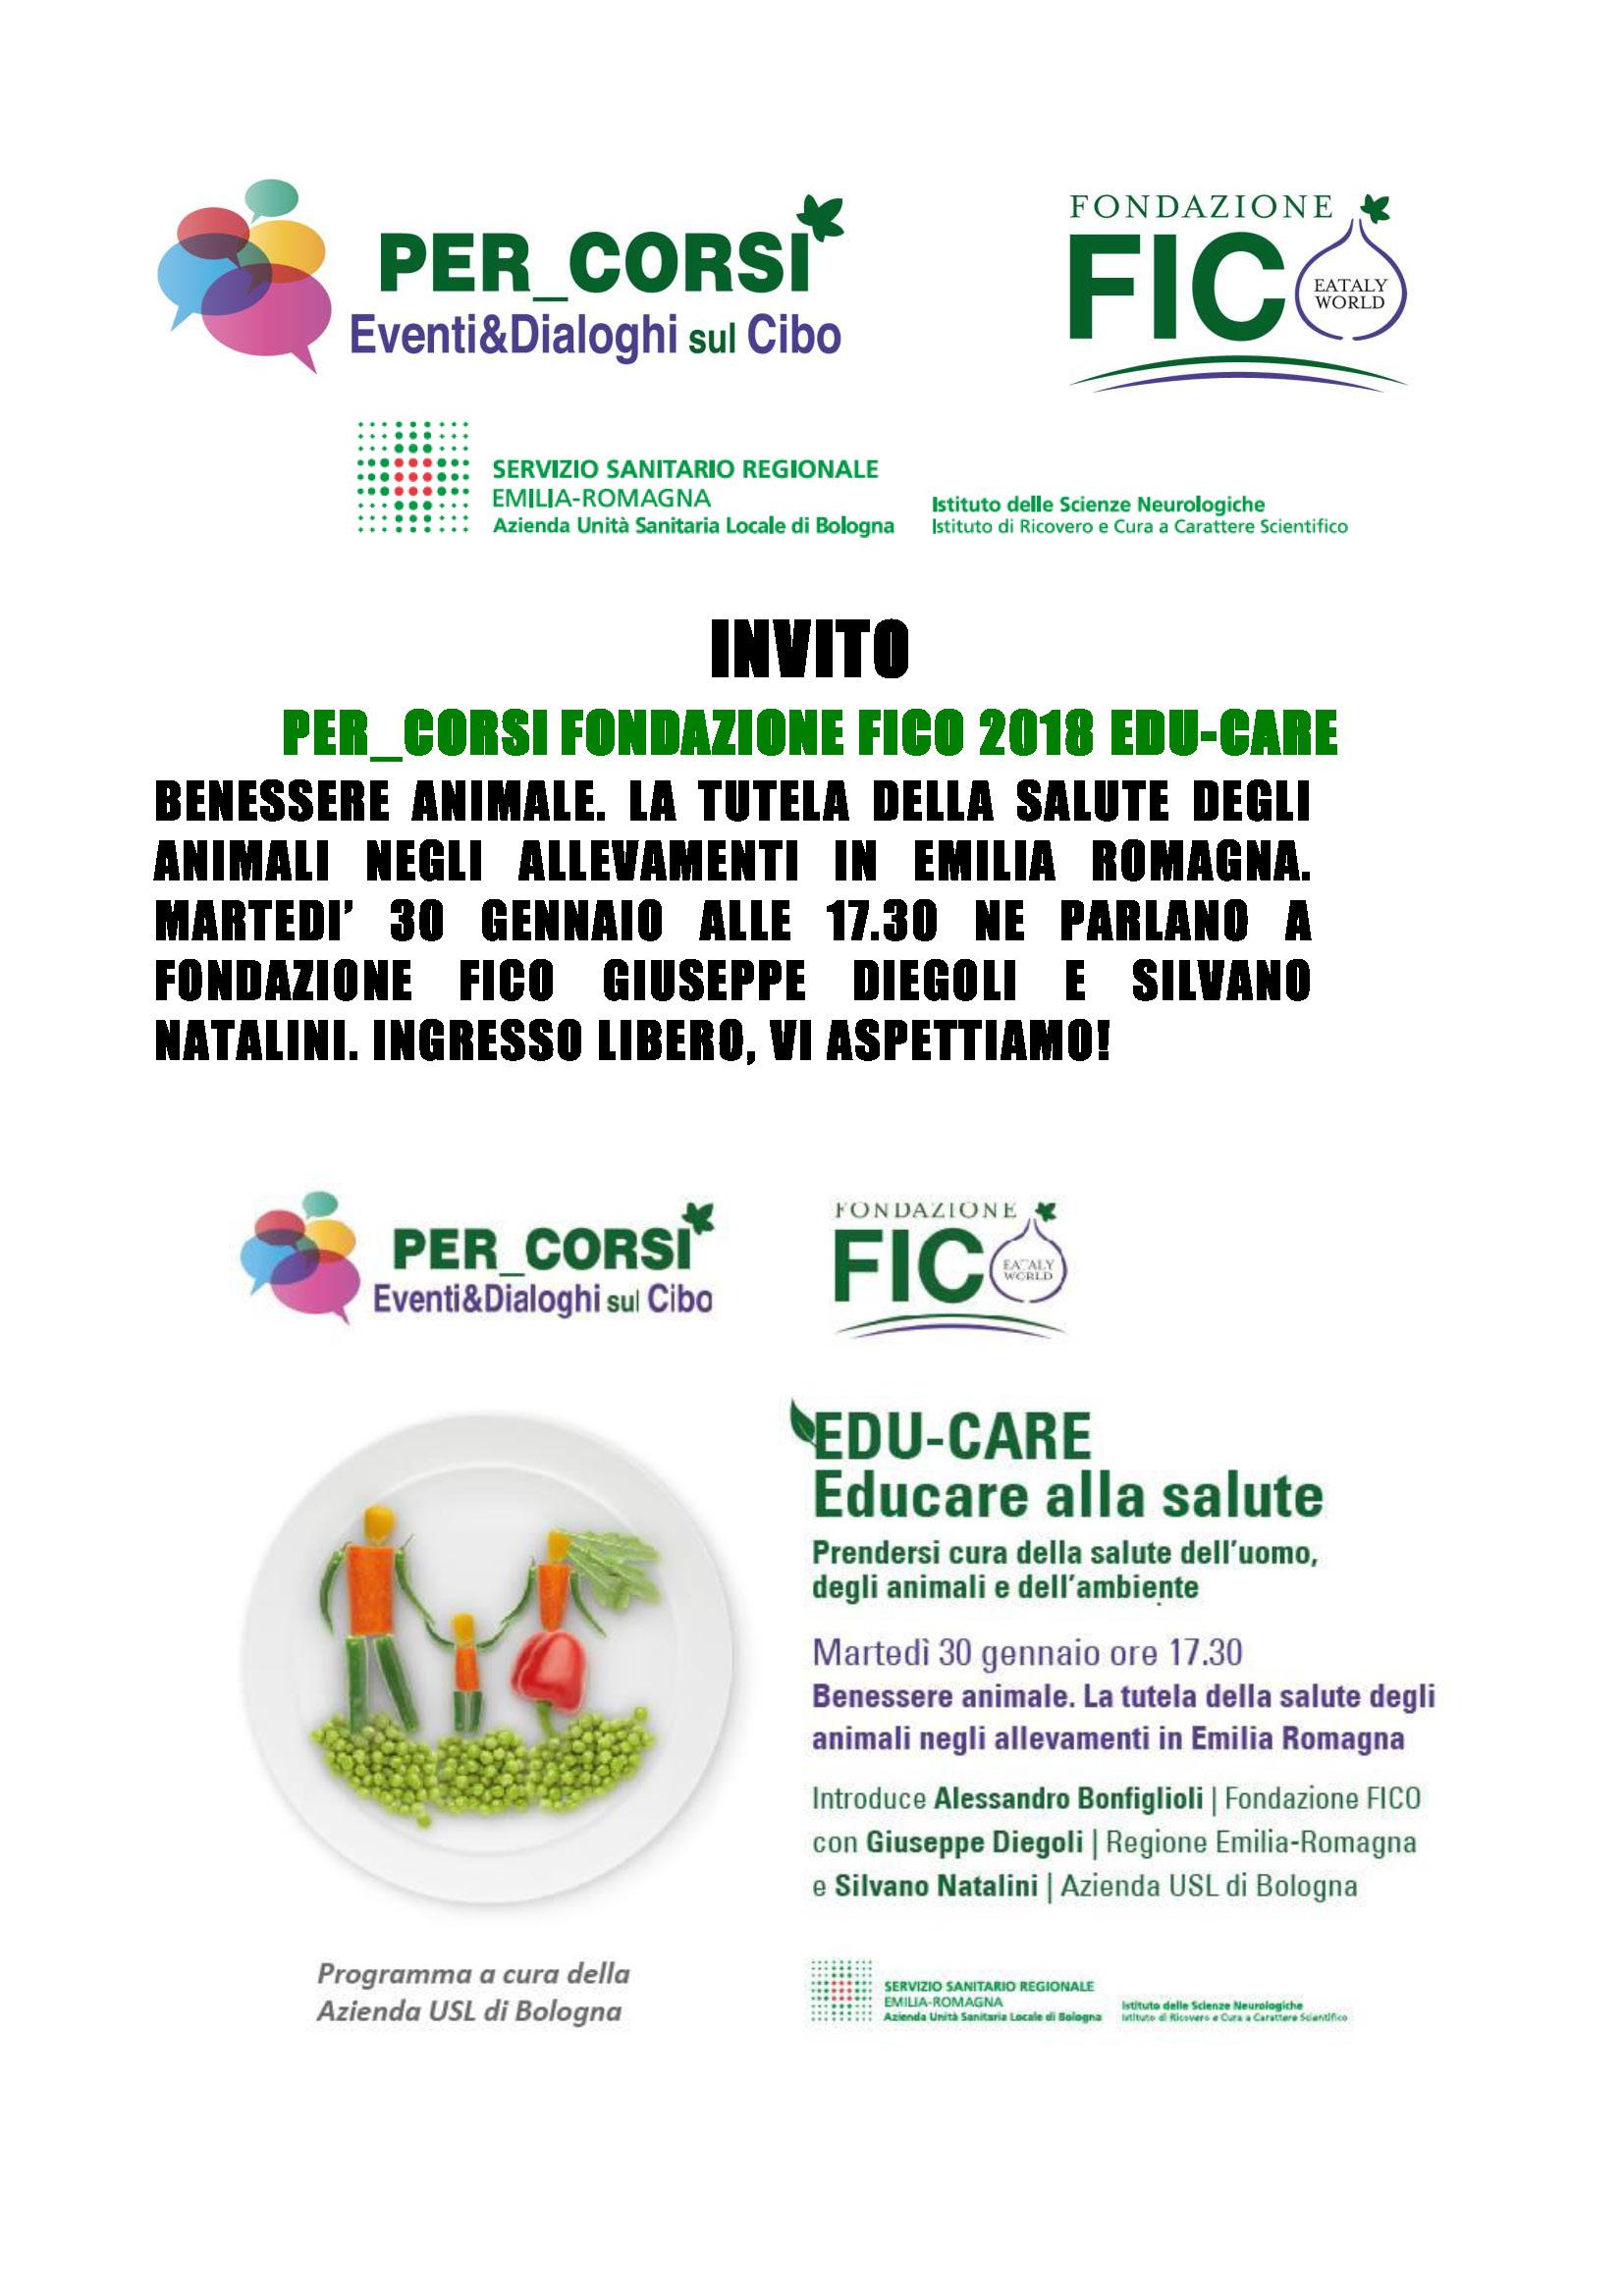 CS-0015-FondazioneFIco-PER_CORSI-30-01-2018-BENESSERE ANIMALE_Pagina_1